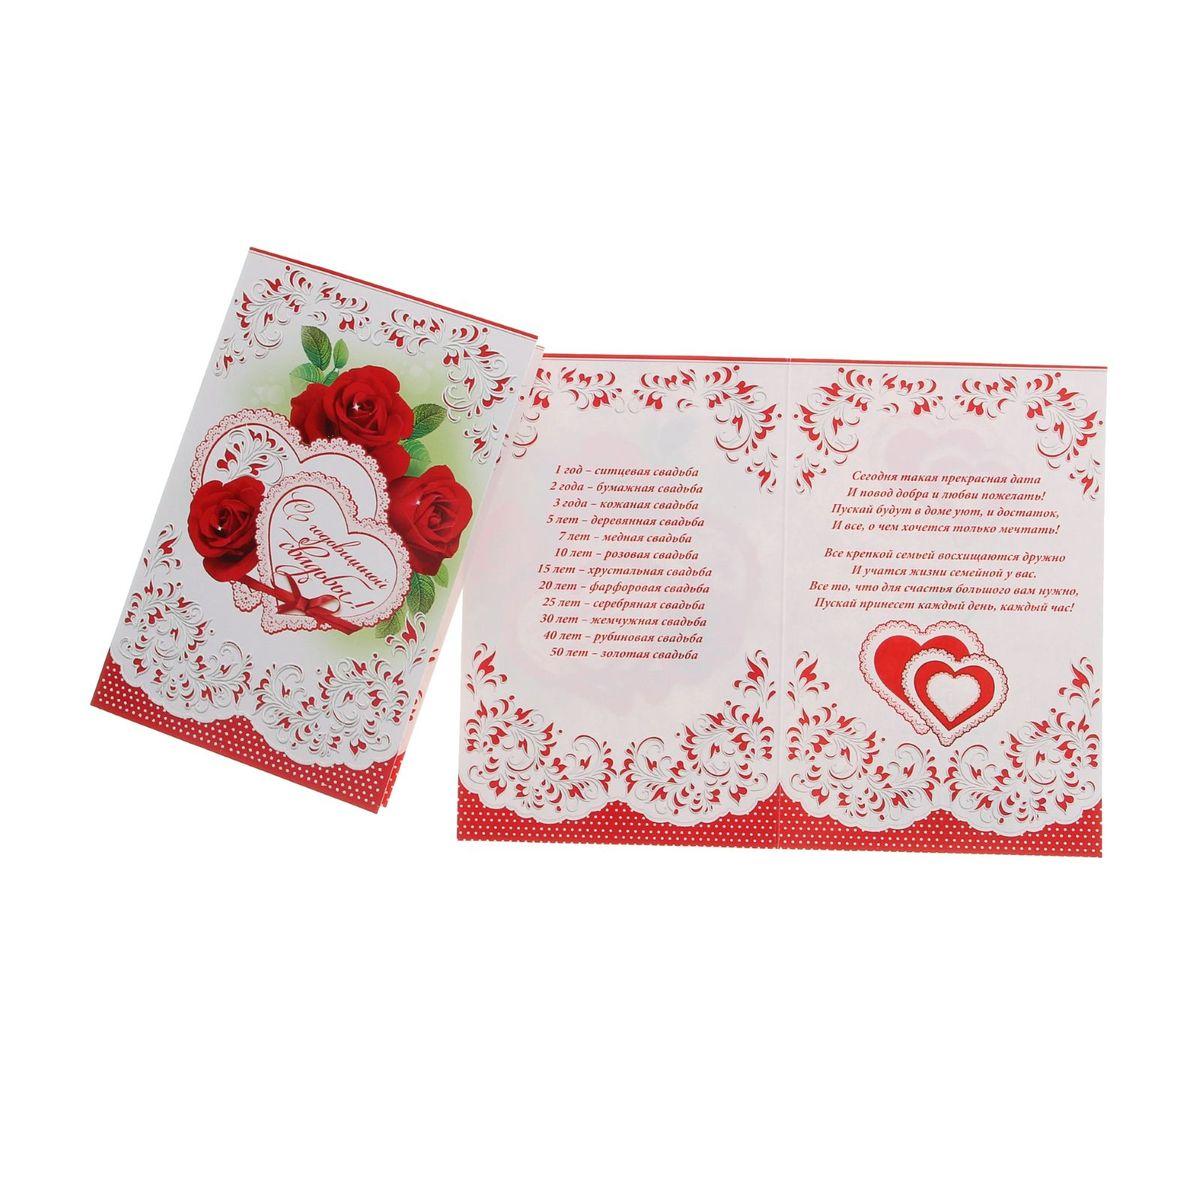 Открытка Мир открыток С годовщиной свадьбы! Сердце и розы1085329Если вы хотите порадовать себя или близких, создать праздничное настроение и с улыбкой провести памятный день, то вы, несомненно, сделали правильный выбор! Открытка Мир открыток С годовщиной свадьбы! Сердце и розы, выполненная из картона, отличается не только оригинальным дизайном, но и высоким качеством. Лицевая сторона изделия оформлена красивым изображением сердец и красных роз. Внутри открытка содержит текст с поздравлением. Такая открытка непременно порадует получателя и станет отличным напоминанием о проведенном вместе времени.